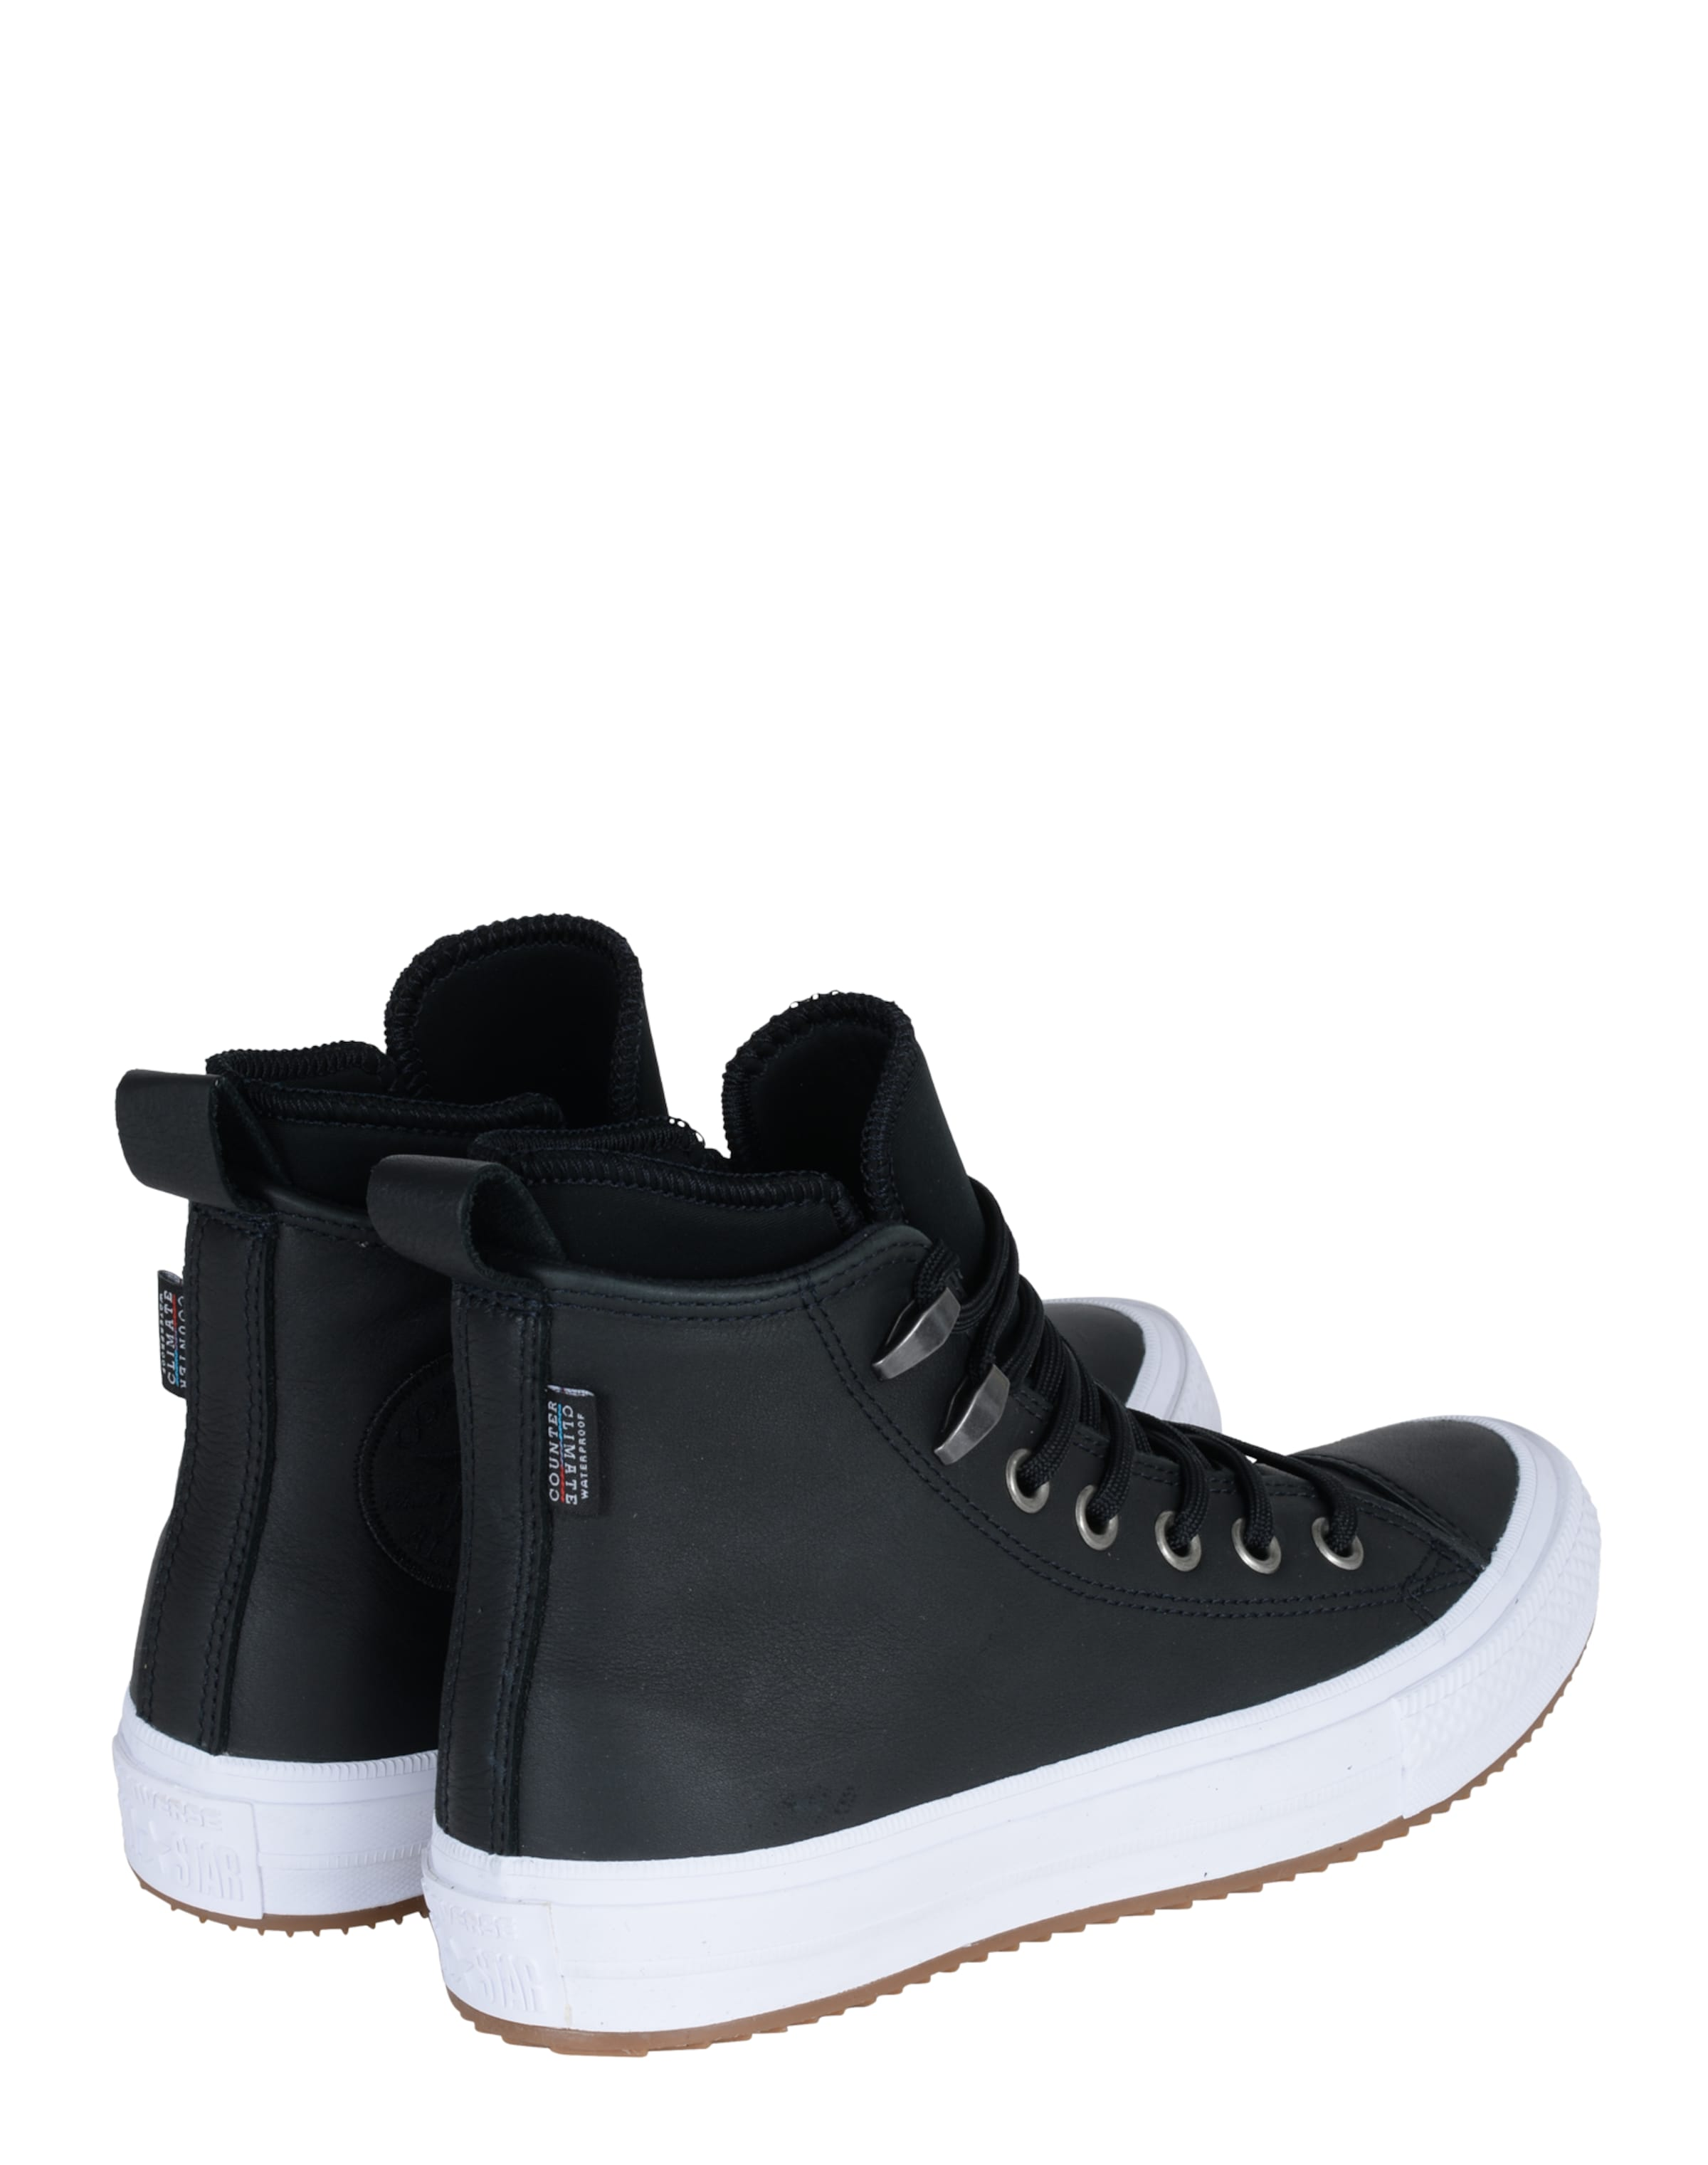 In Star' Converse 'all Sneaker Schwarz j3AR54L